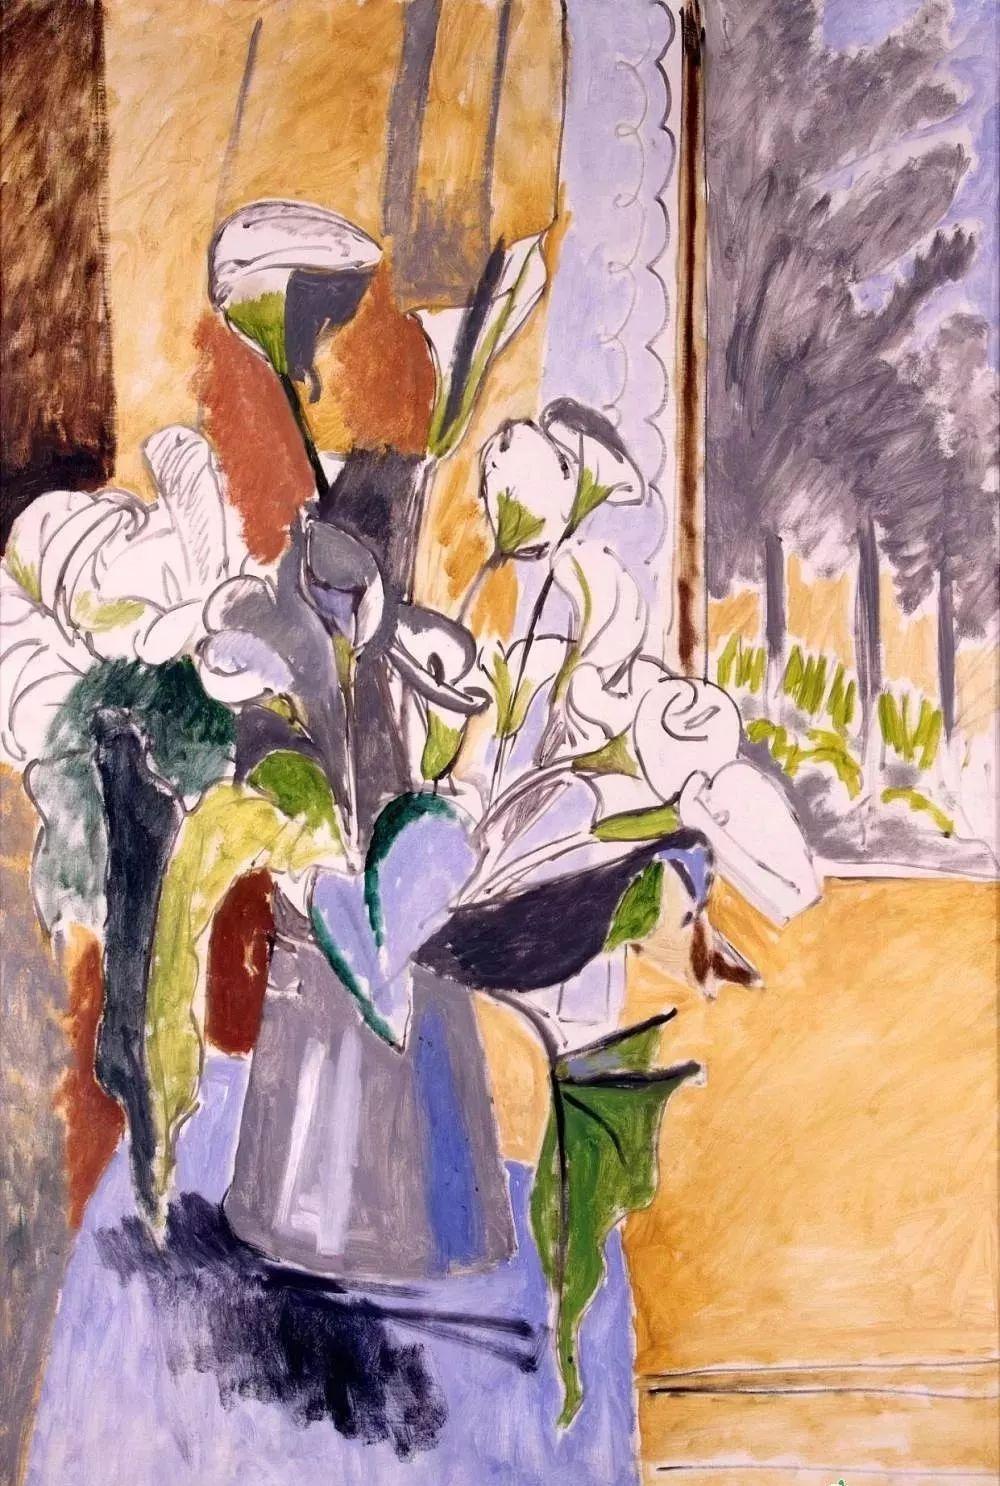 与毕加索并称为20世纪世界美术的两座高峰!马蒂斯静物作品集,震撼出炉!插图13